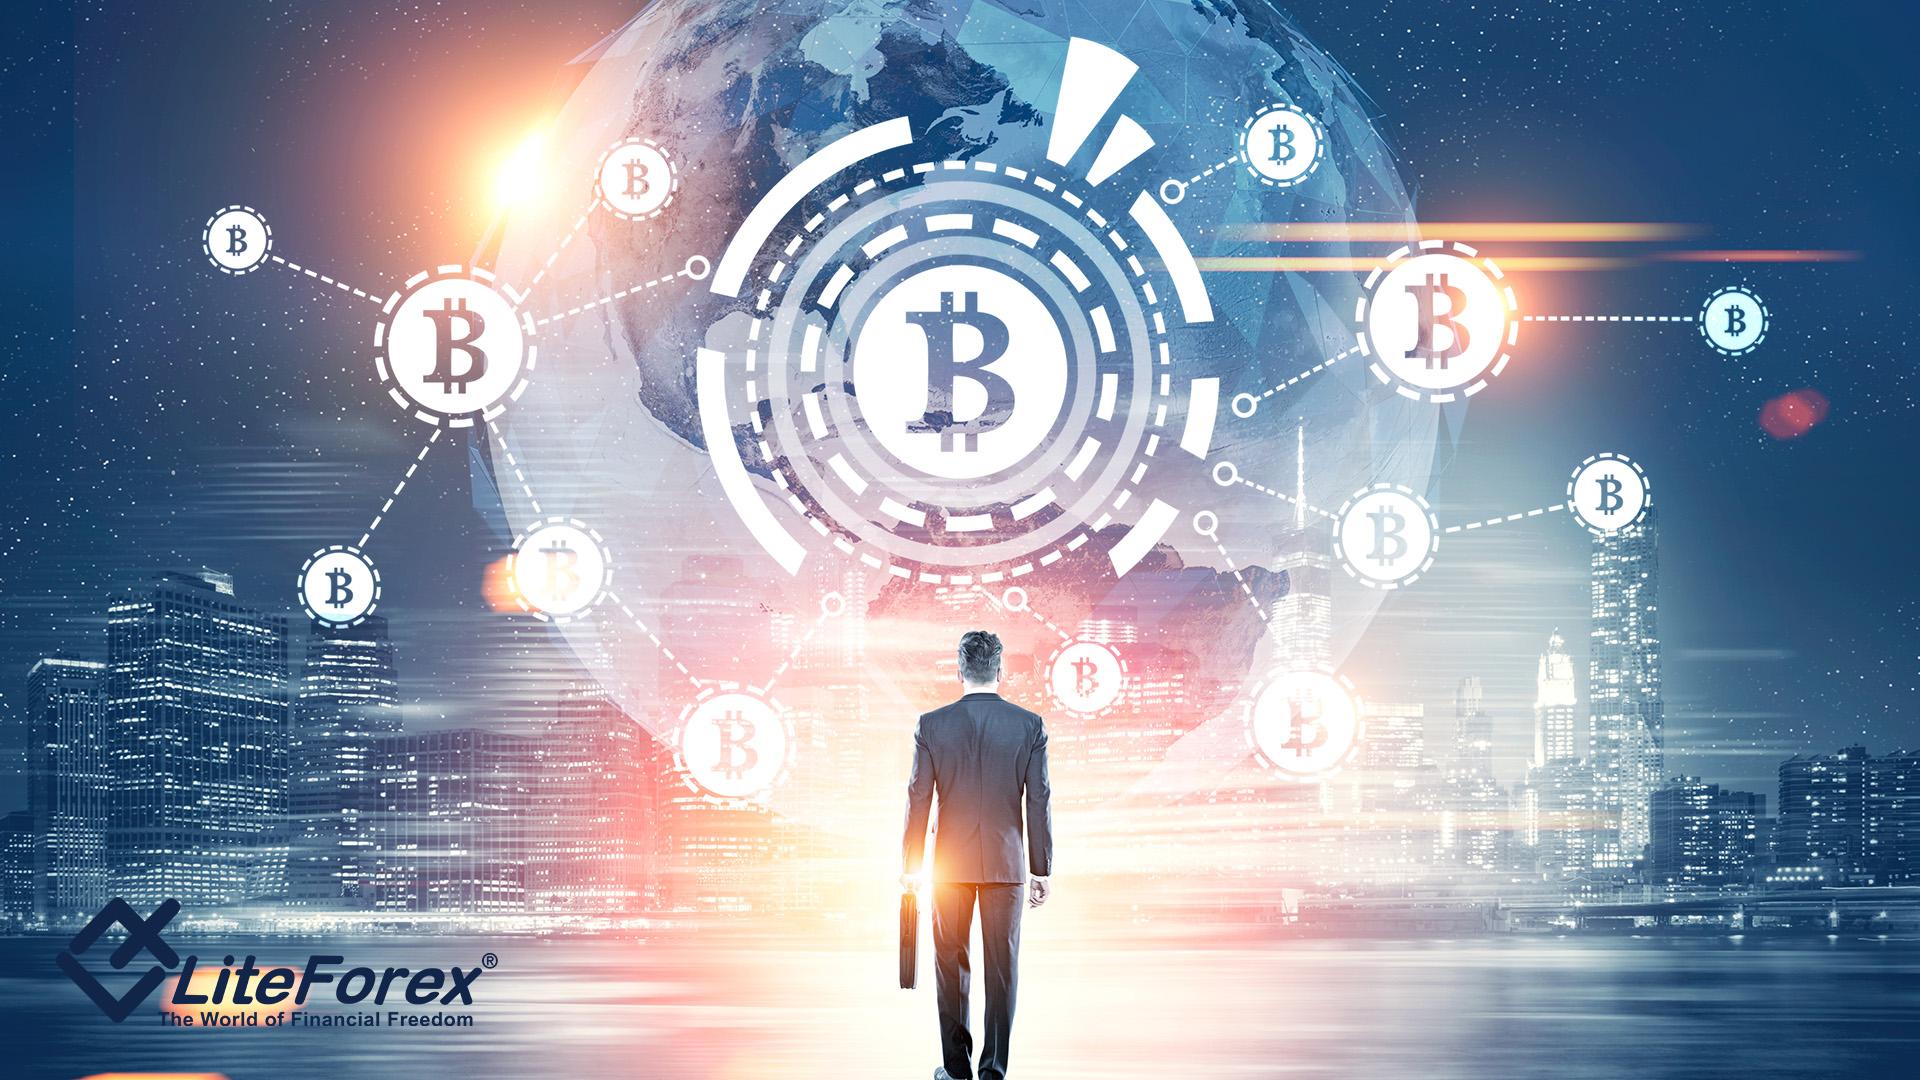 Svolta digitale LiteForex ha lanciato il commercio di criptovaluta Bitcoin!